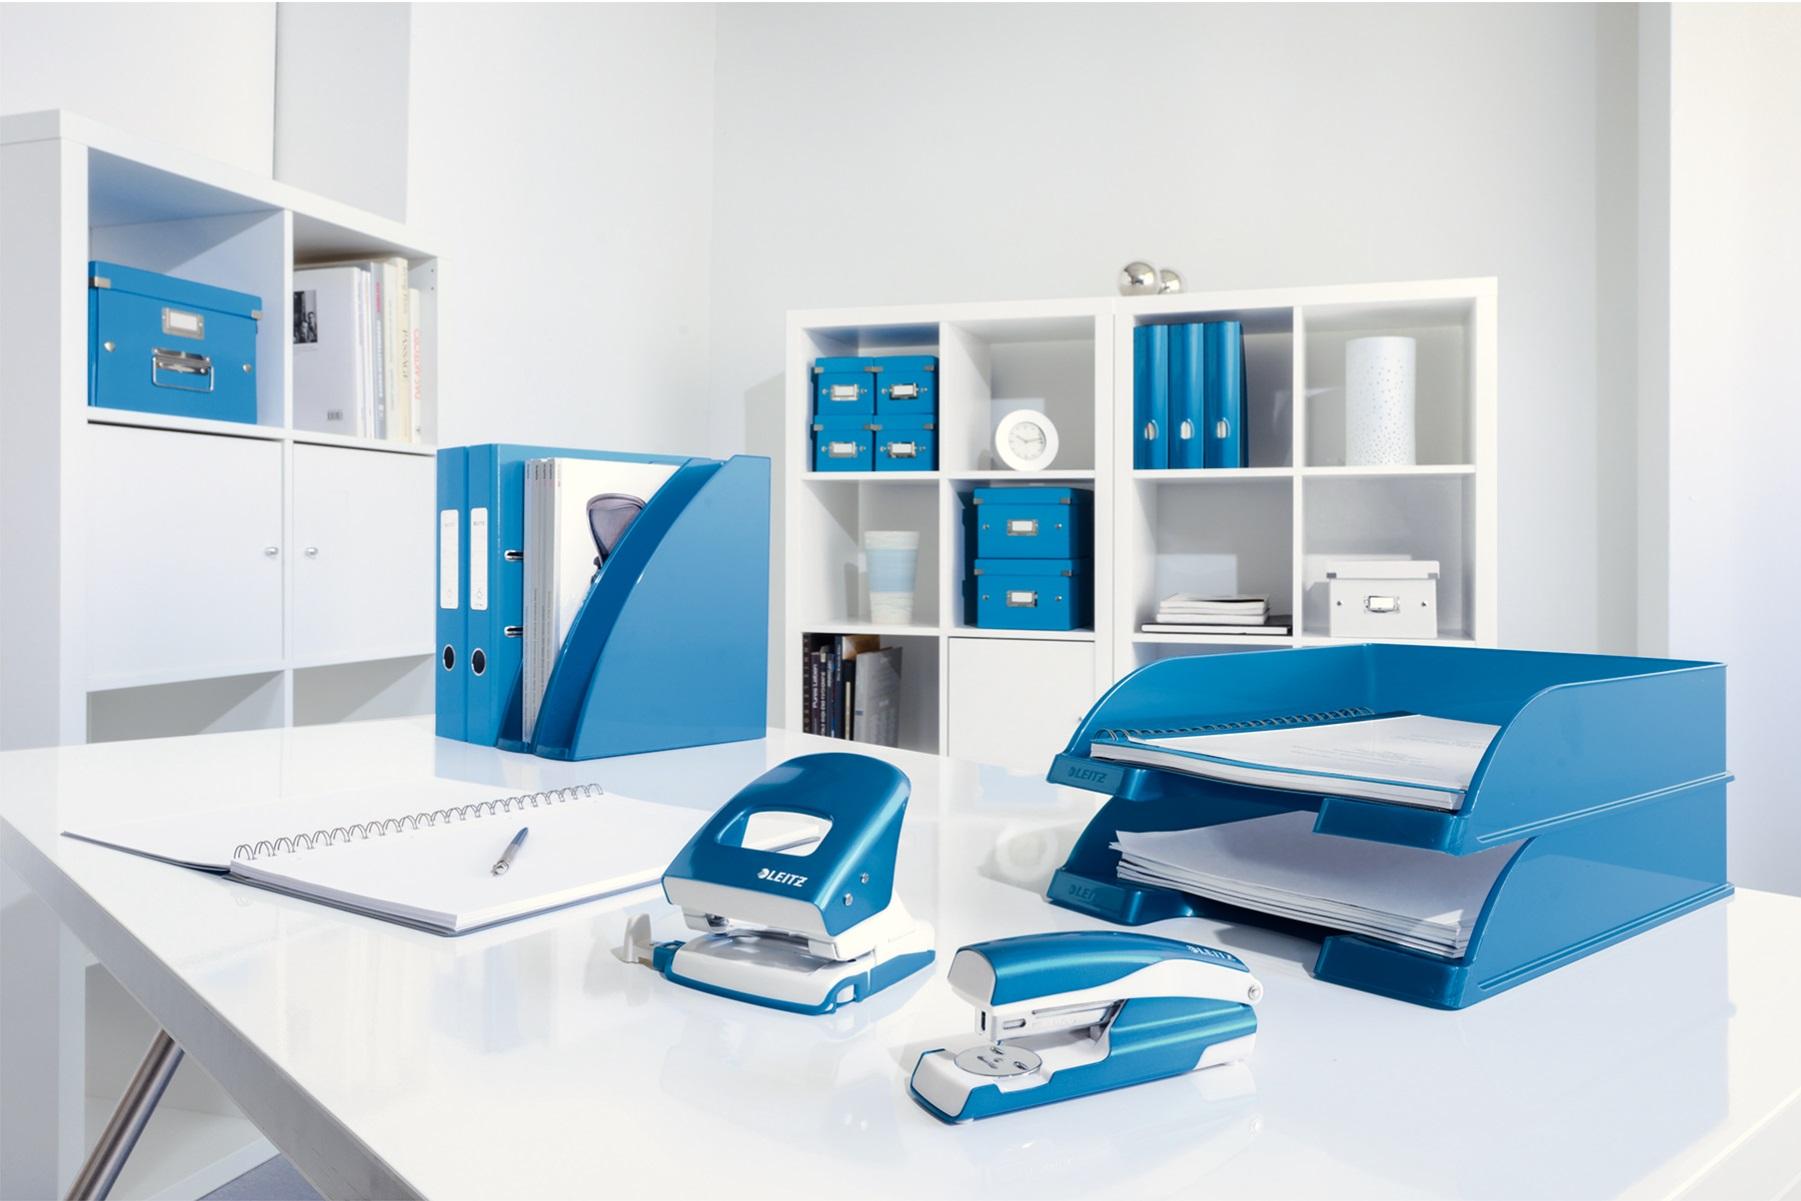 Descriere Capsator metalic de birou, pentru maxim 40 coli, capse 24/8, albastru, LEITZ 5522 NeXXt Series